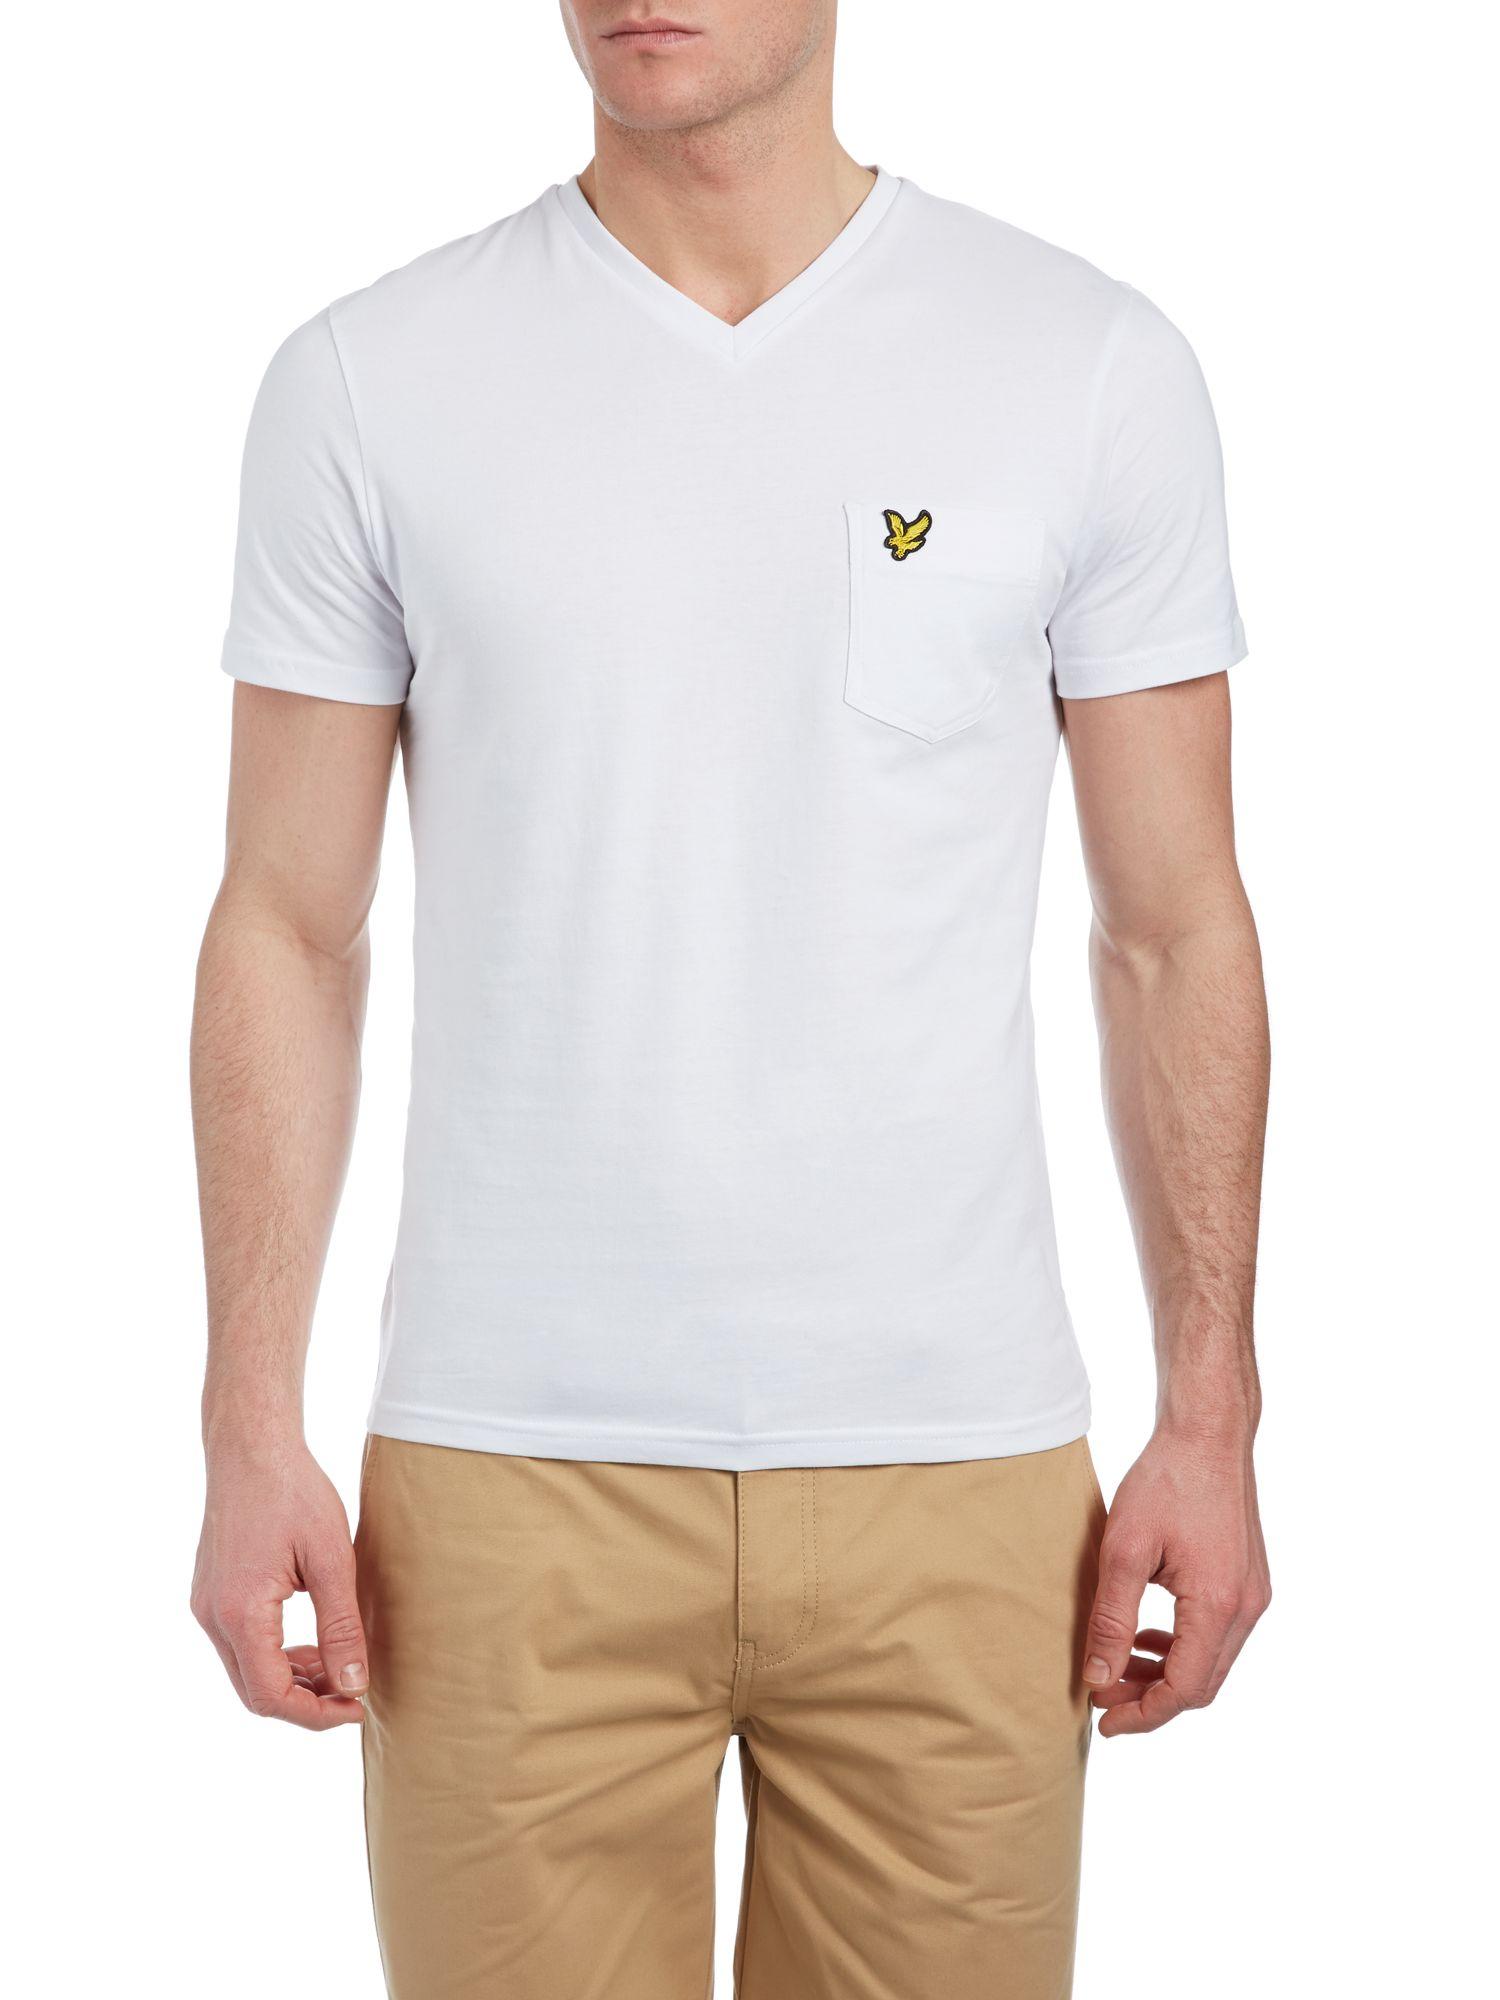 Lyle scott v neck pocket t shirt in white for men lyst for Men s v neck pocket tee shirts